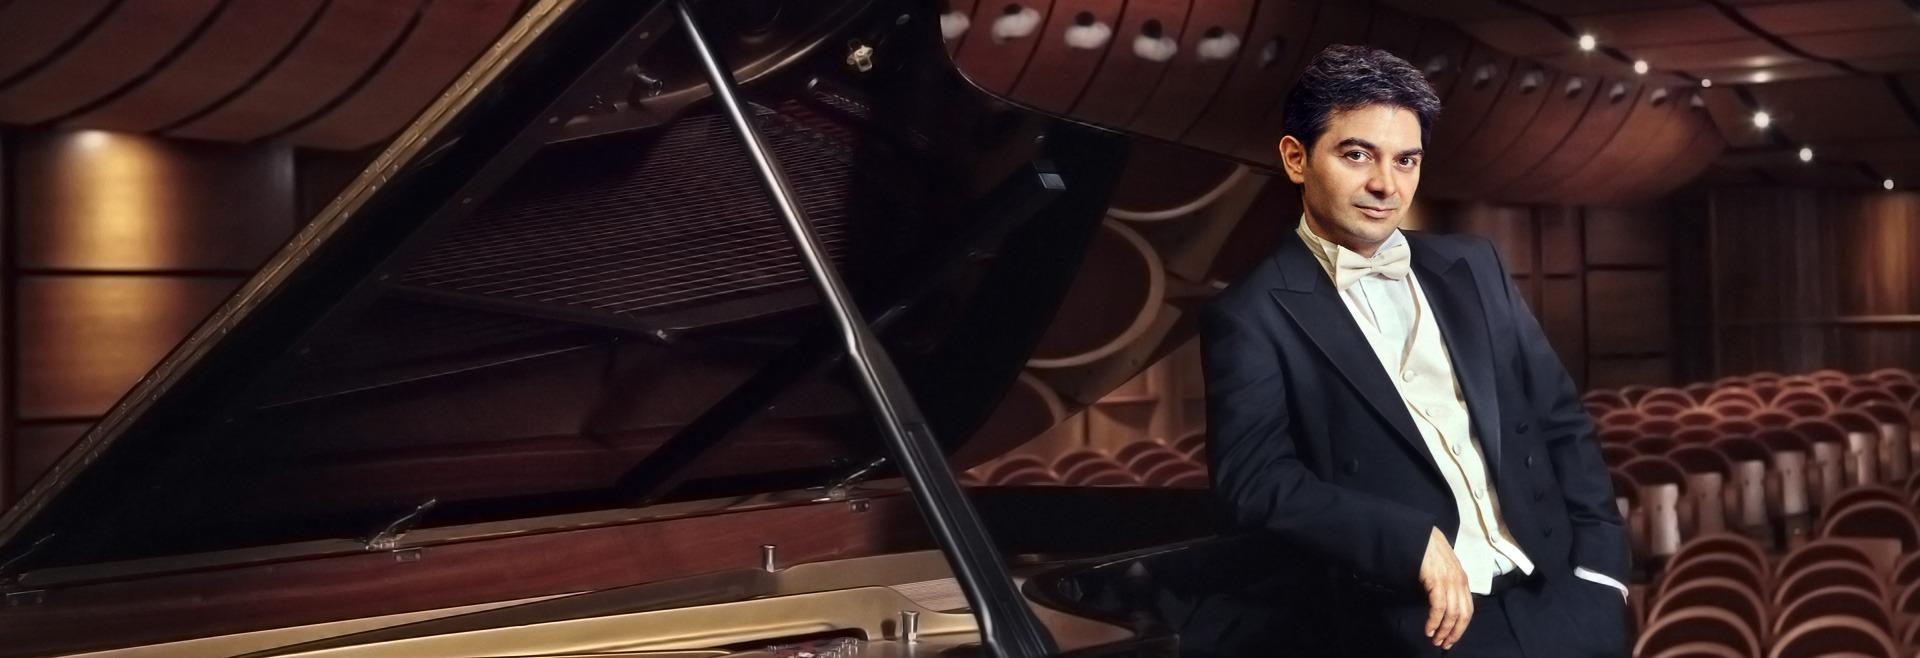 Stefano Greco, pianist.